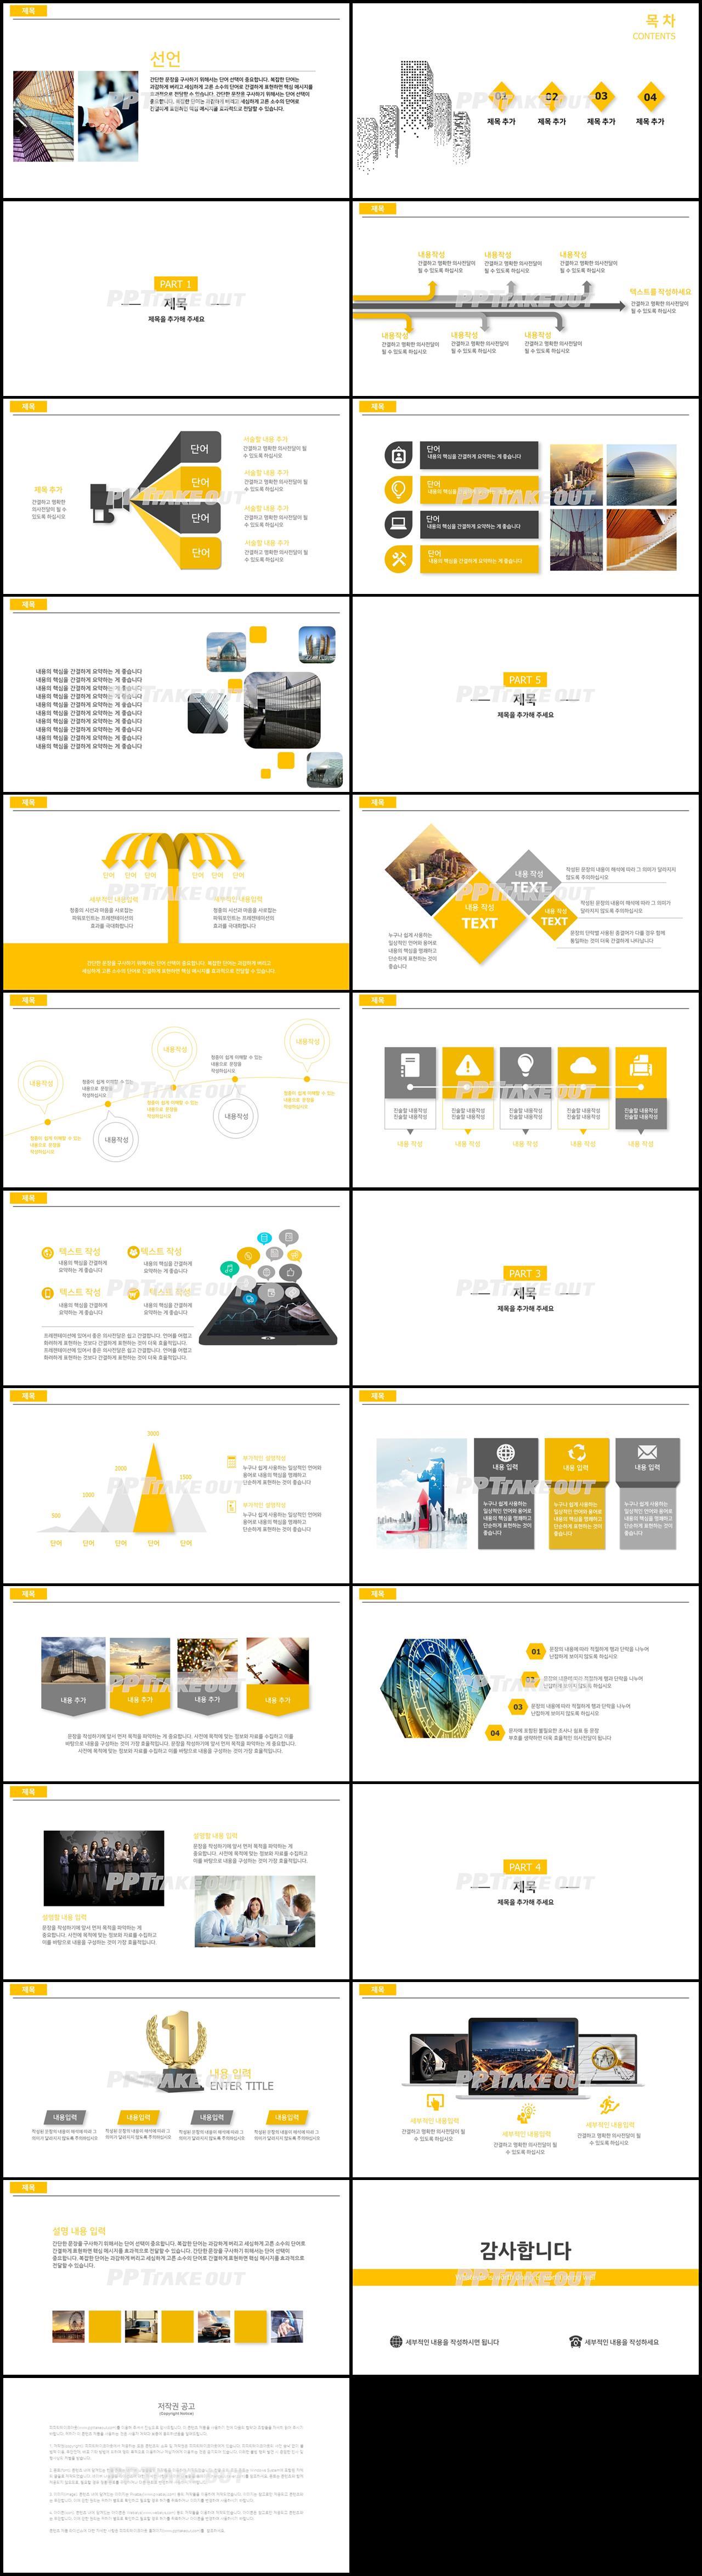 비즈니스 노란색 폼나는 다양한 주제에 어울리는 파워포인트템플릿 디자인 상세보기